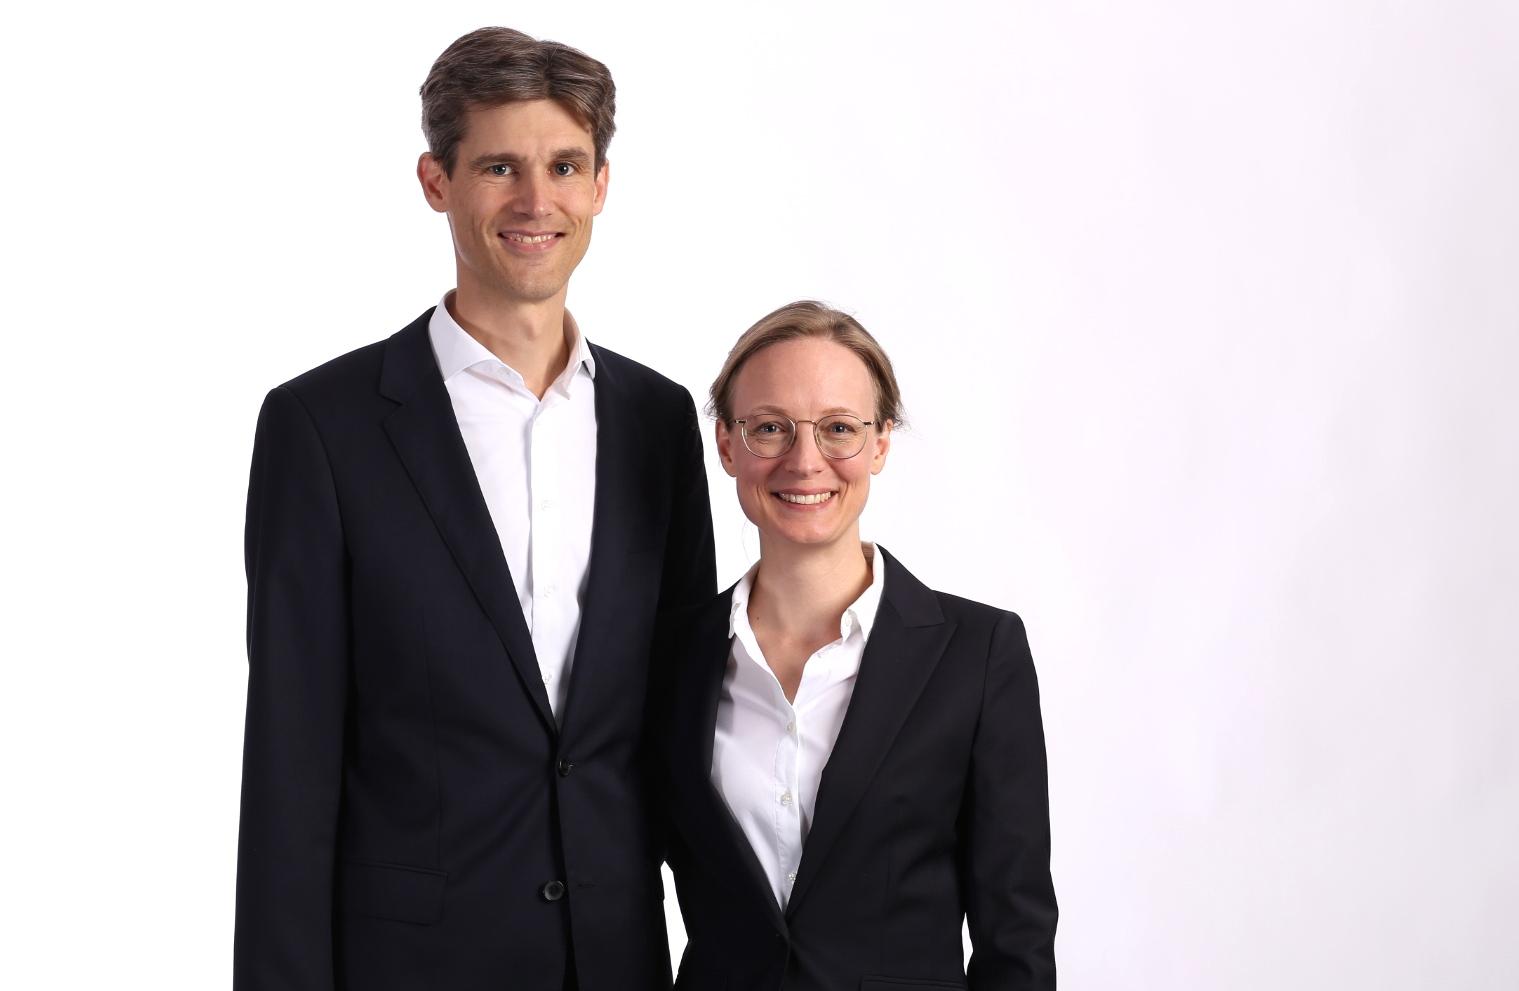 Marketing-Leiterin Dr. Svenja Hansen und Geschäftsleiter Holger Hansen.